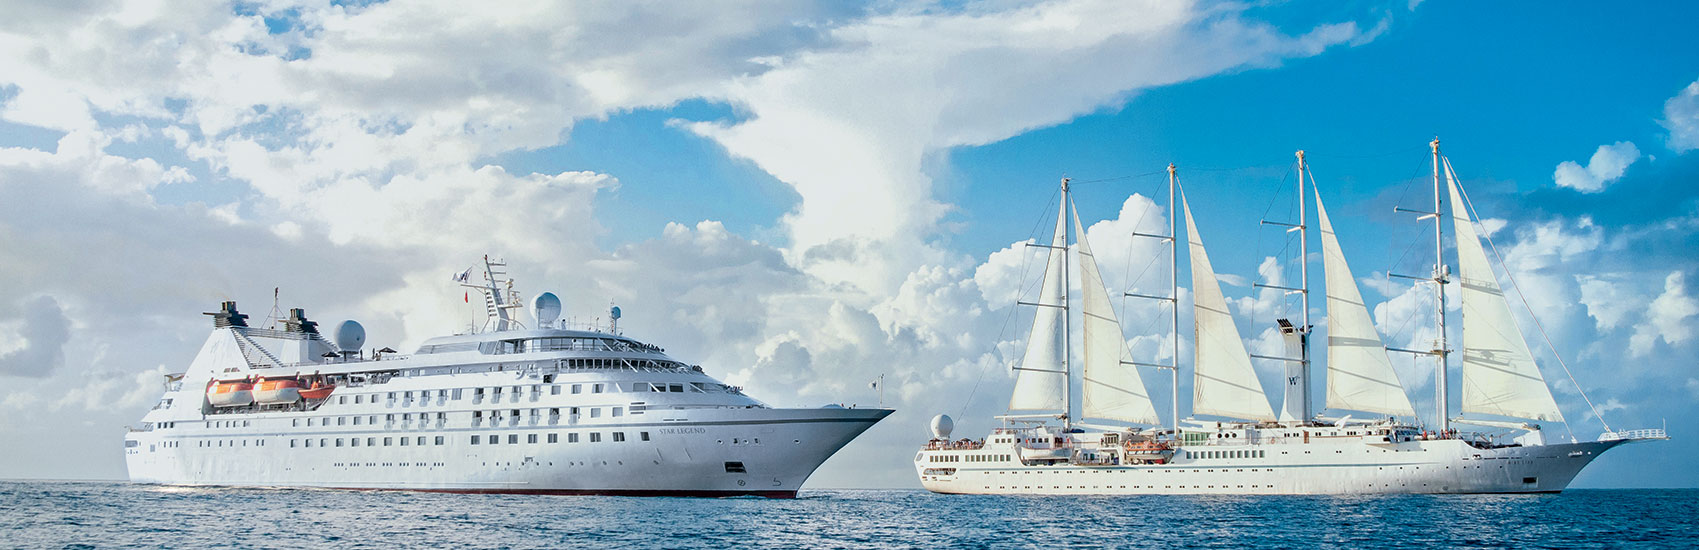 Small Ship, Big World Savings Event 0